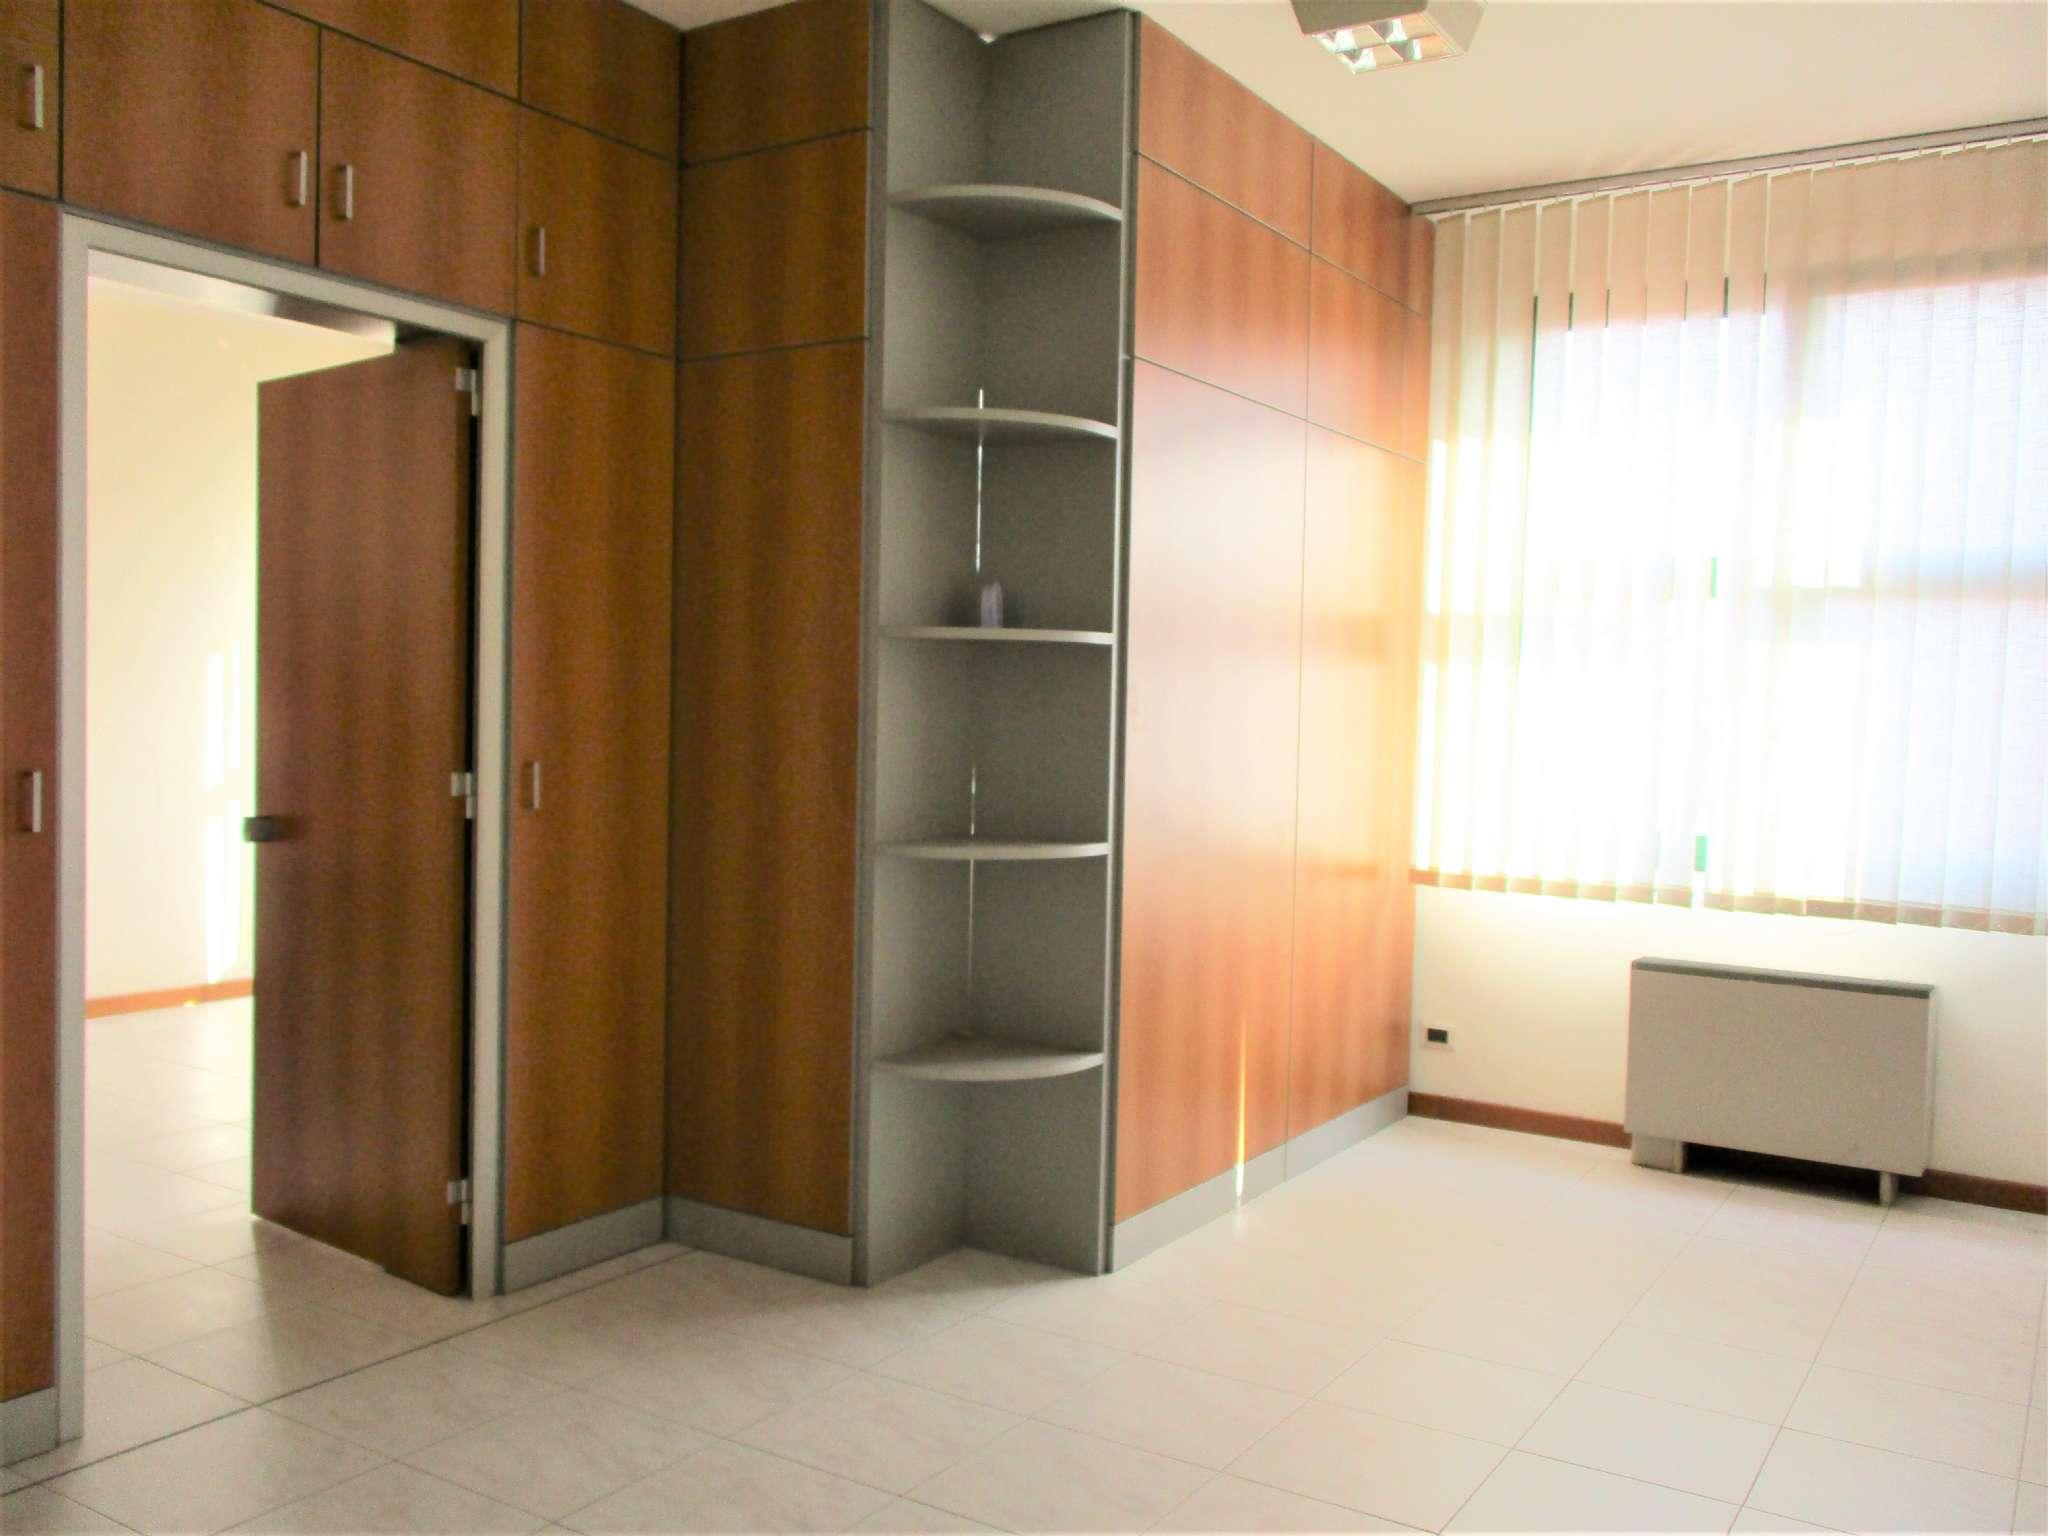 Ufficio / Studio in affitto a Nichelino, 2 locali, prezzo € 480 | PortaleAgenzieImmobiliari.it